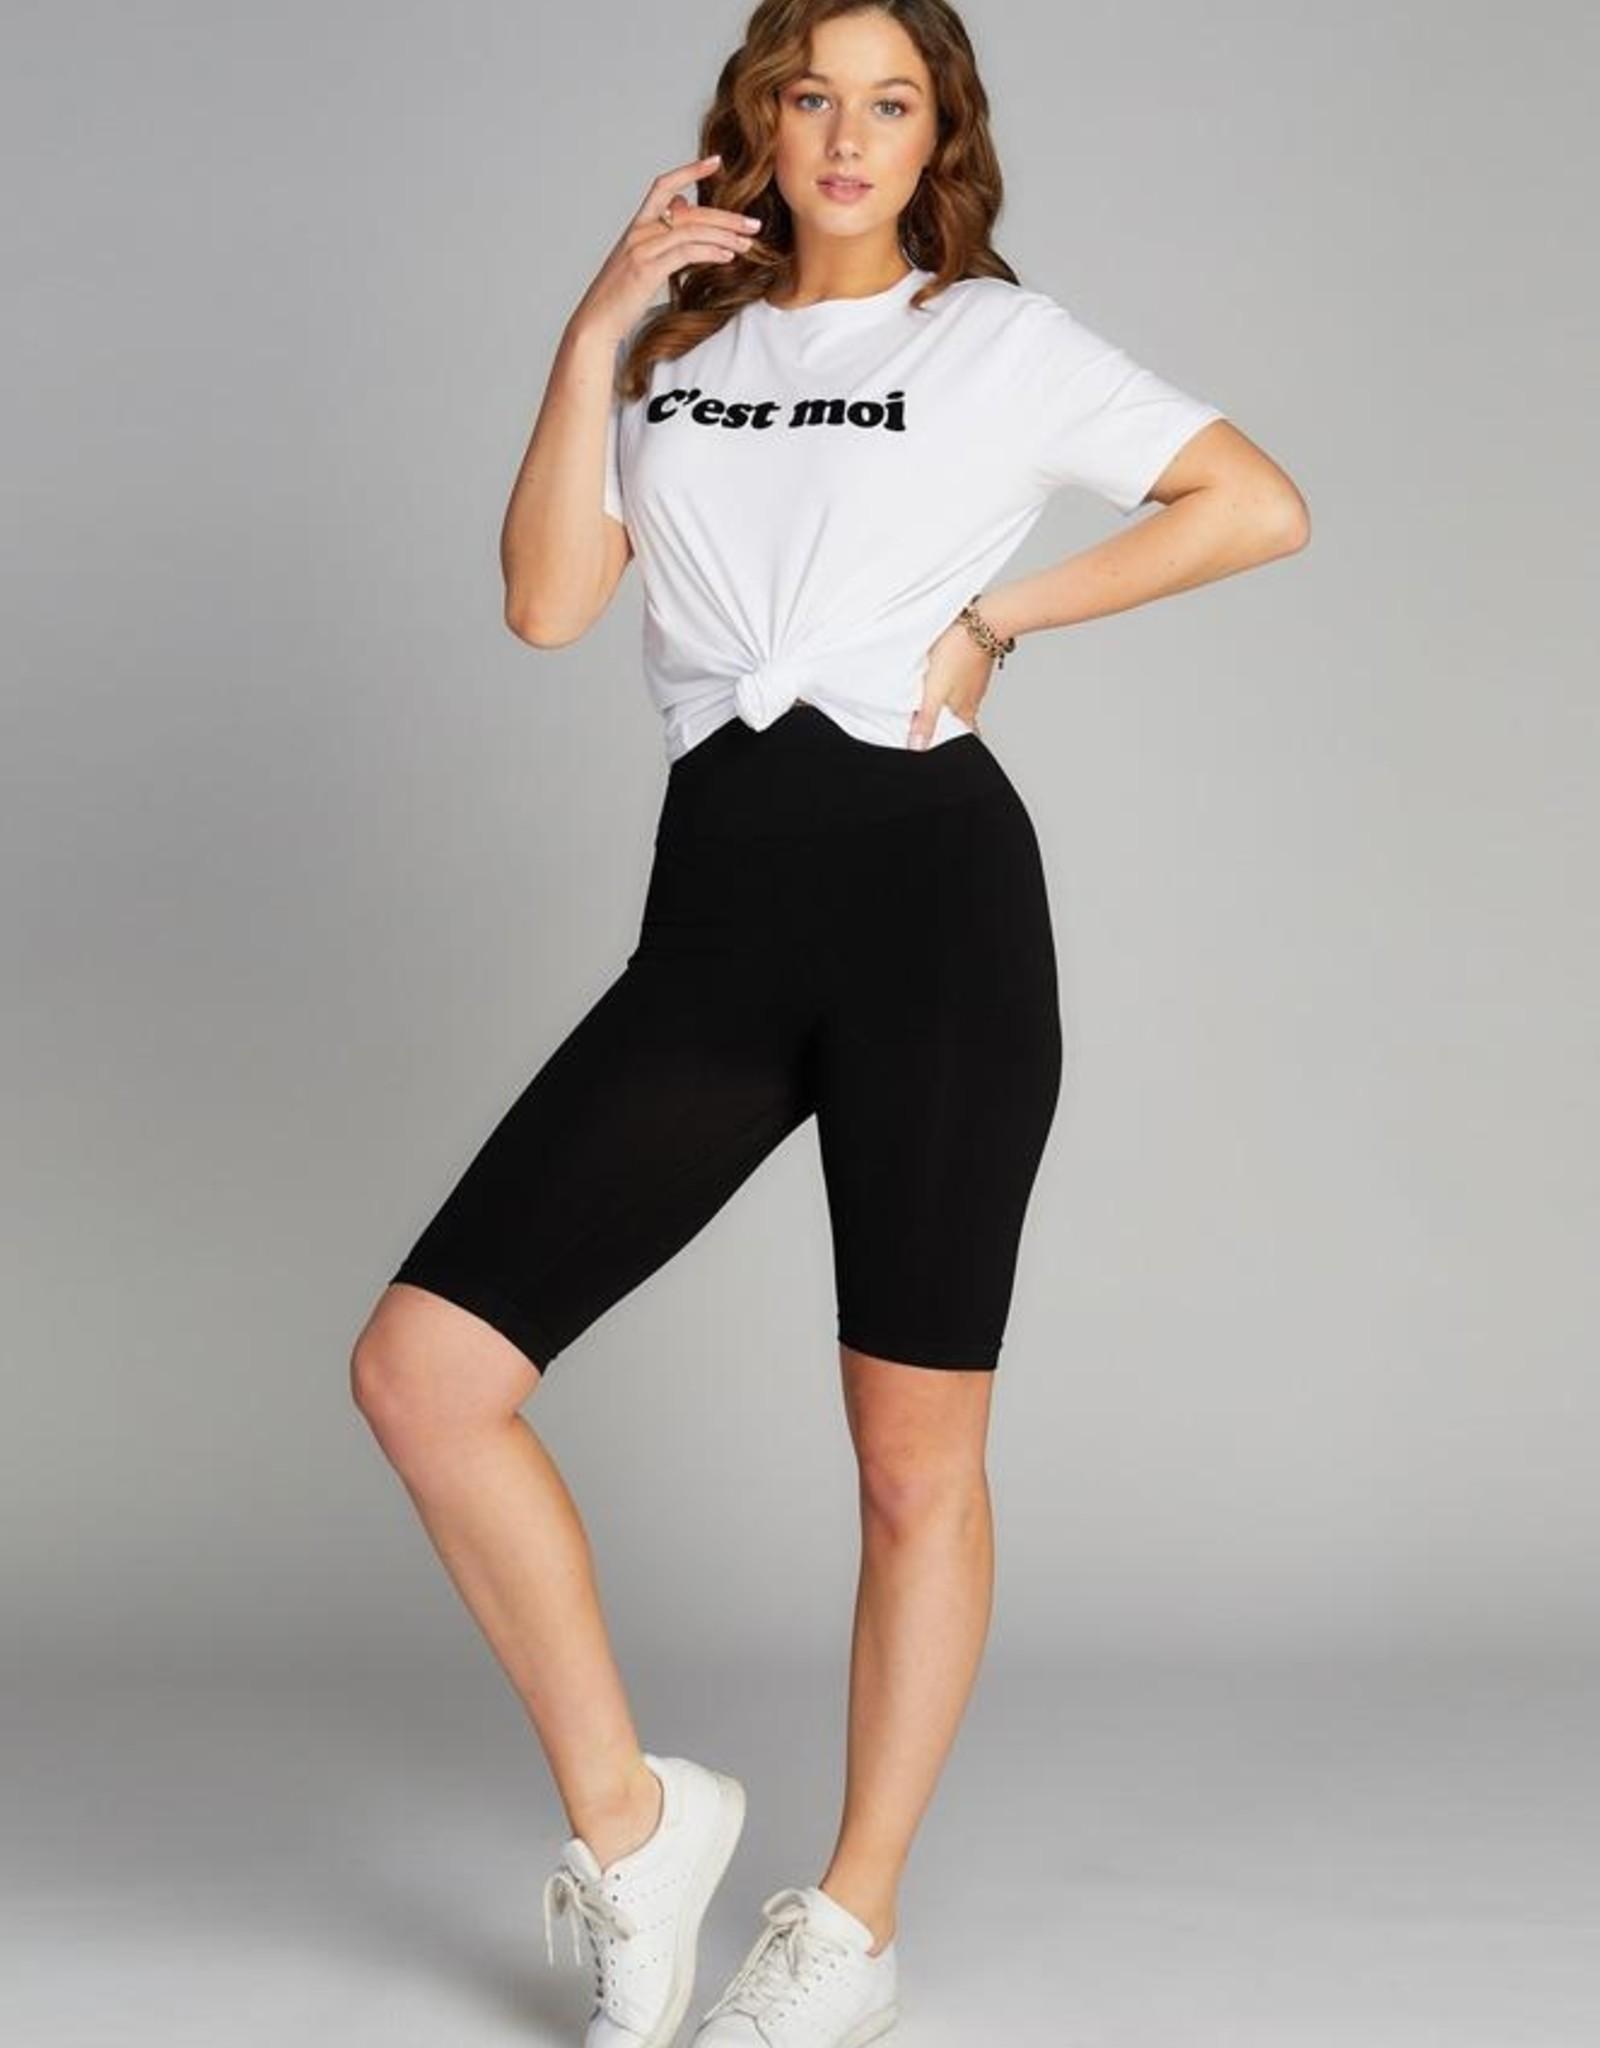 High Waisted Long Short